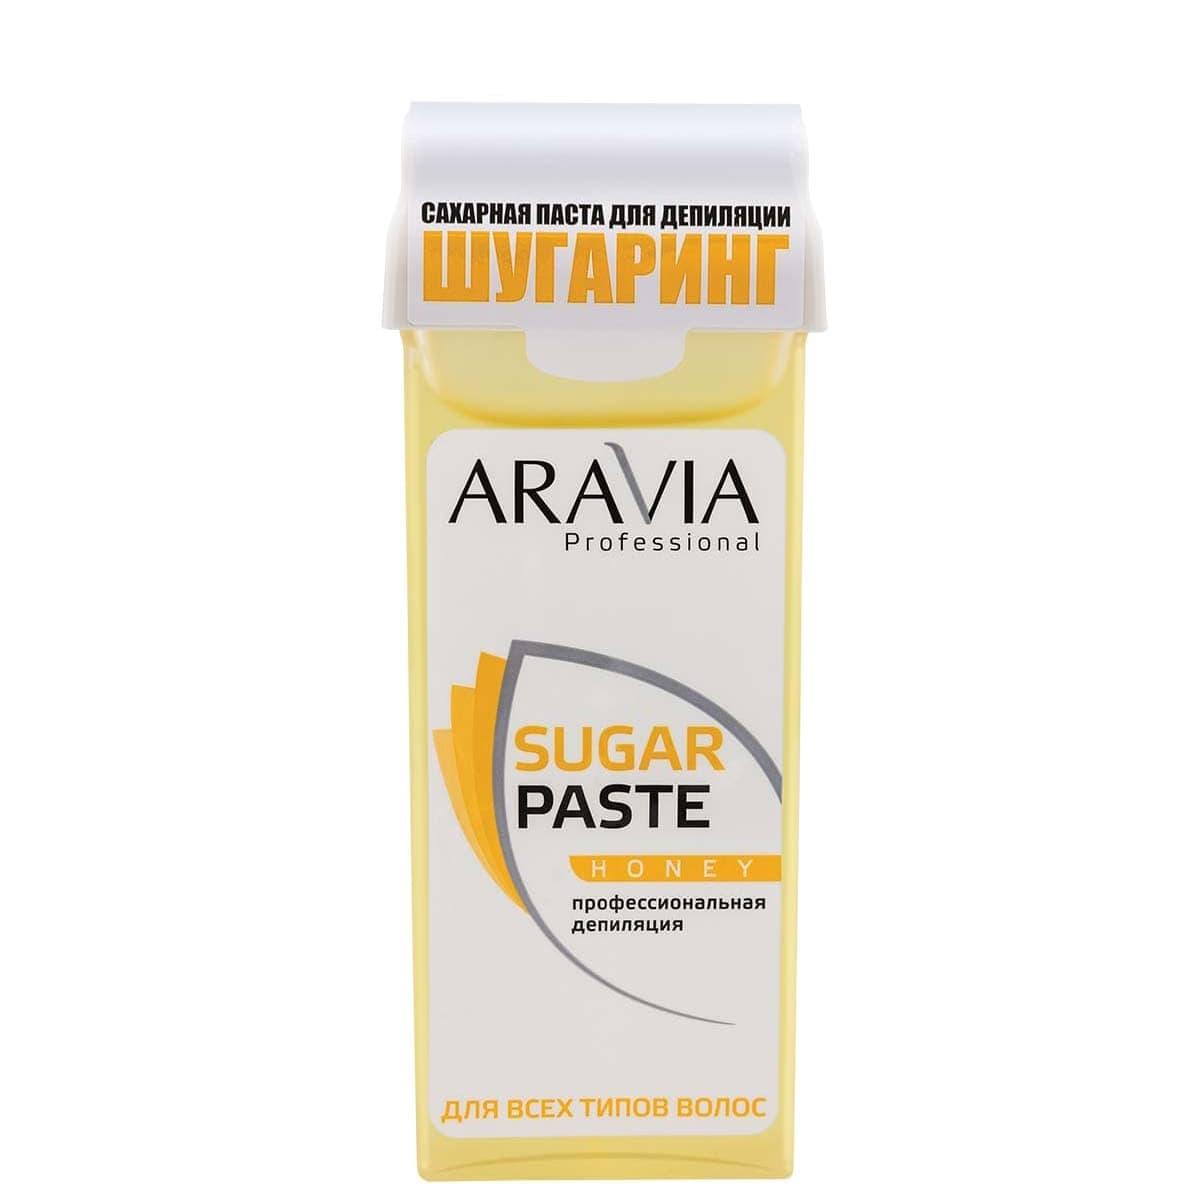 ARAVIA Паста  Sugar Paste Сахарная для Депиляции в Картридже Медовая Очень Мягкой Консистенции, 150 гр